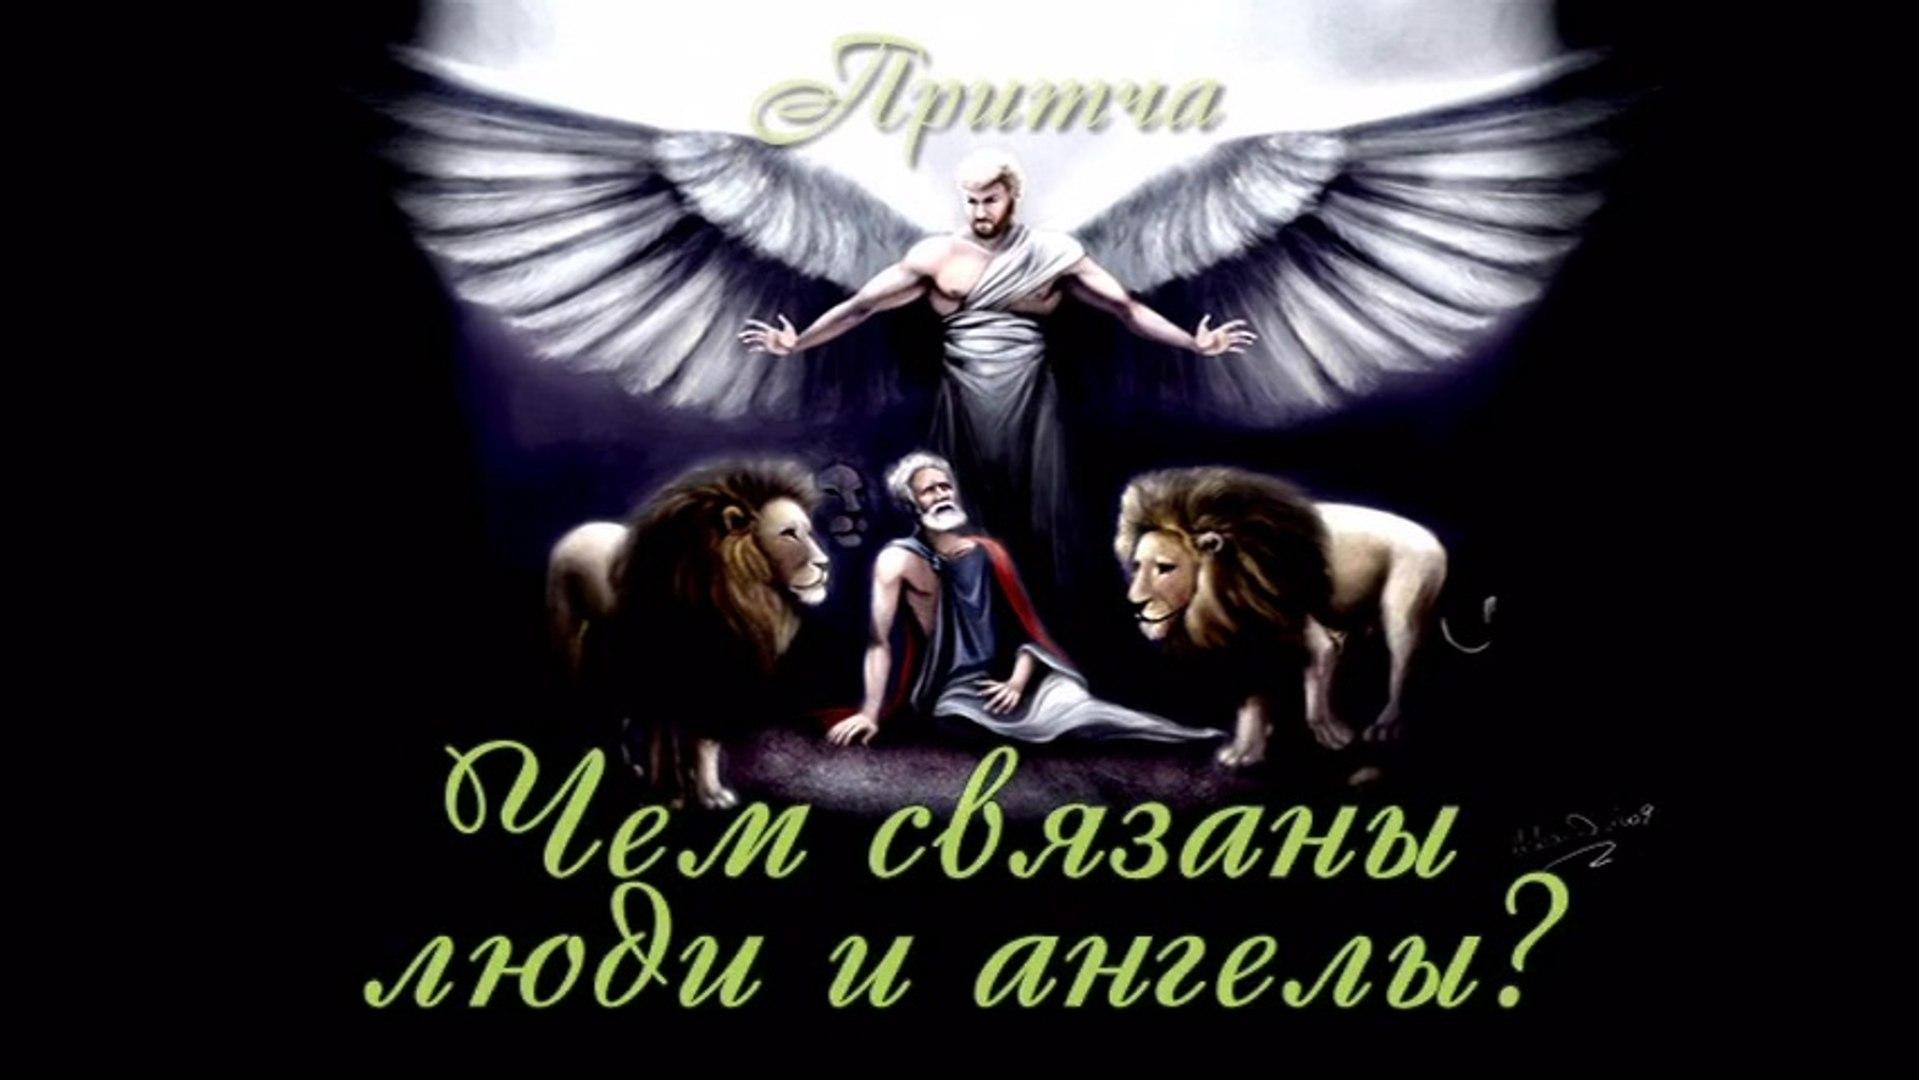 Чем связаны люди и ангелы ( самые лучшие притчи о жизни для детей и взрослых )